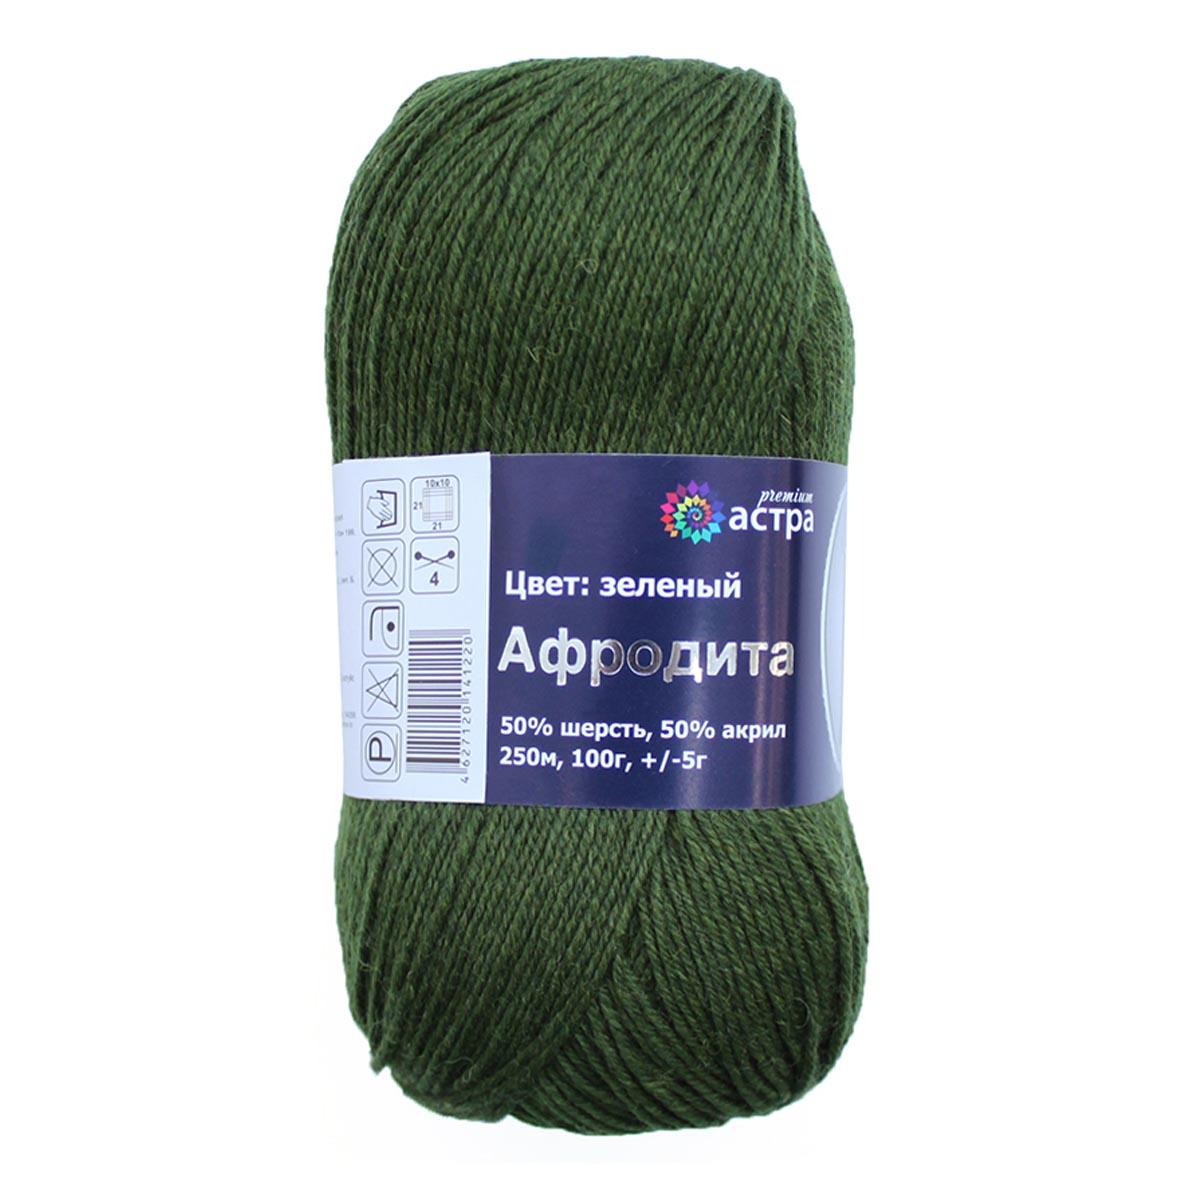 Пряжа Astra Premium 'Афродита' 100гр. 250м (50% шерсть, 50% акрил) (14 зеленый) фото